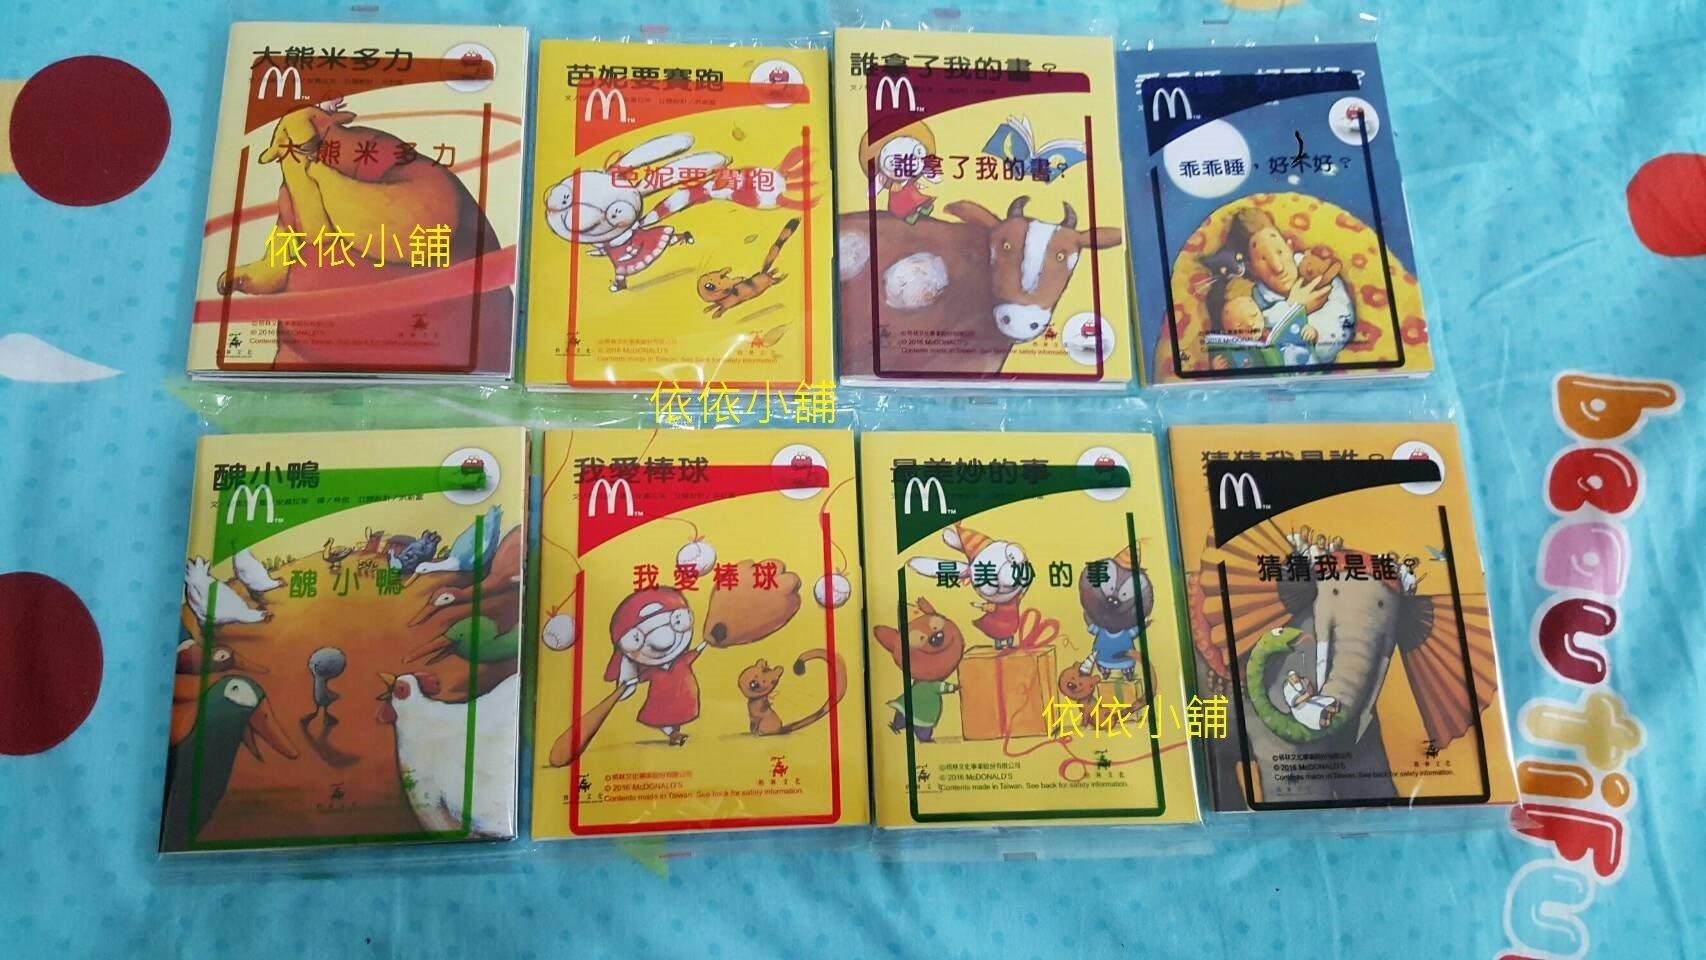 現貨~~2016麥當勞   格林文化童書 精彩童書 故事書 立體遊戲書 限量